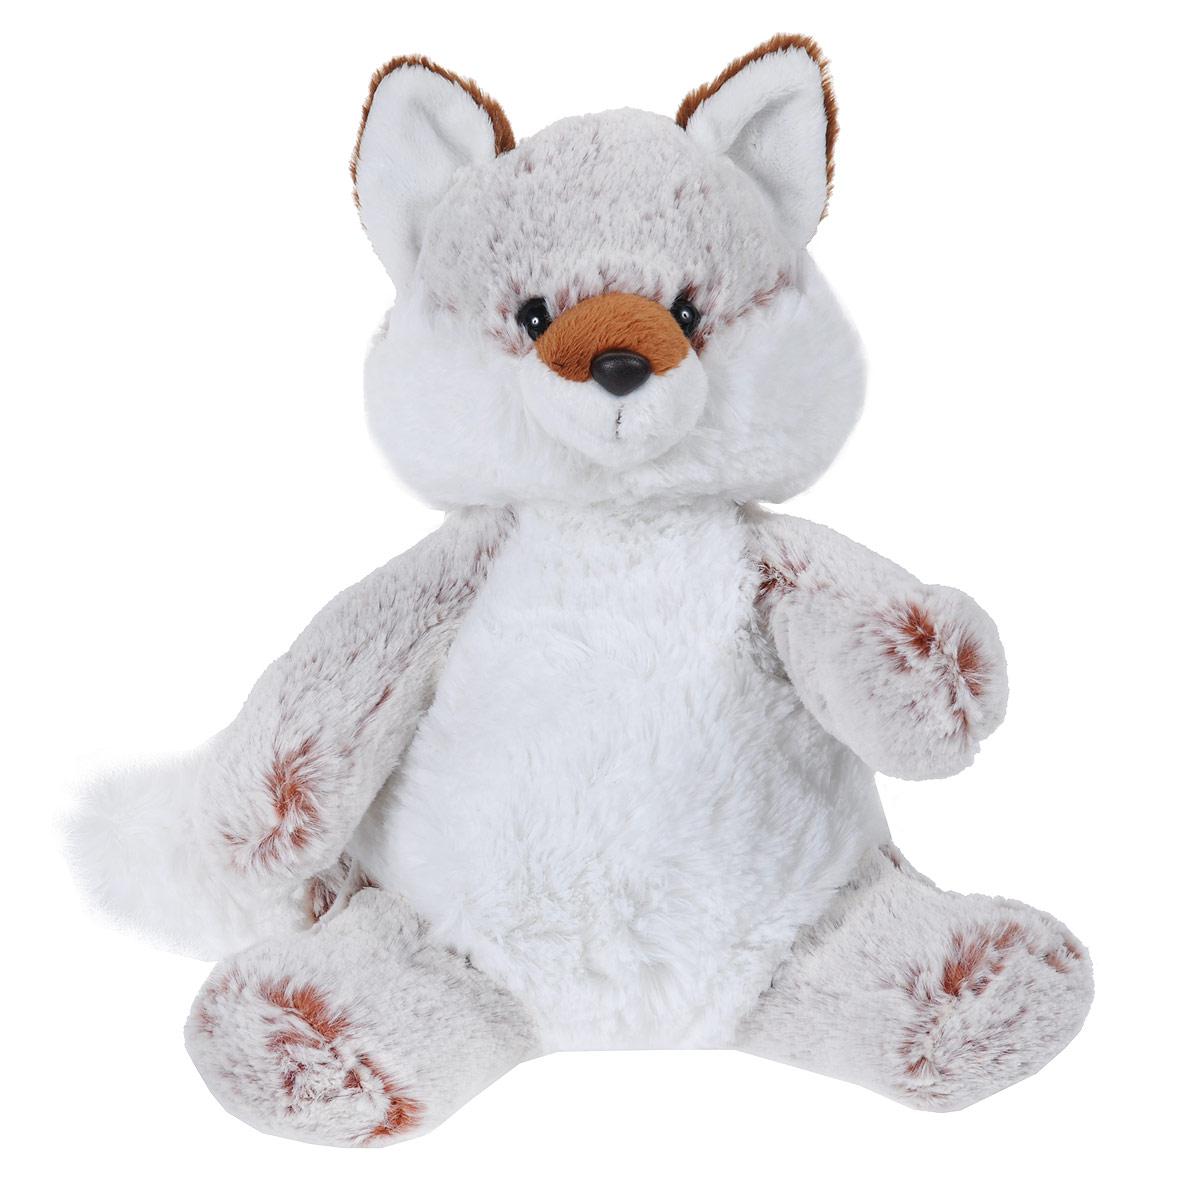 Мягкая игрушка Aurora Лиса, цвет: белый, коричневый, 30см11-022Очаровательная мягкая игрушка ручной работы Aurora Лиса вызовет умиление и улыбку у каждого, кто ее увидит. Игрушка выполнена в виде забавной лисички из высококачественного, гипоаллергенного материала с набивкой из синтепона и пластиковых гранул. Такая игрушка станет замечательным подарком, как ребенку, так и взрослому, и украсит любой интерьер. Великолепное качество исполнения делают эту игрушку чудесным подарком к любому празднику.